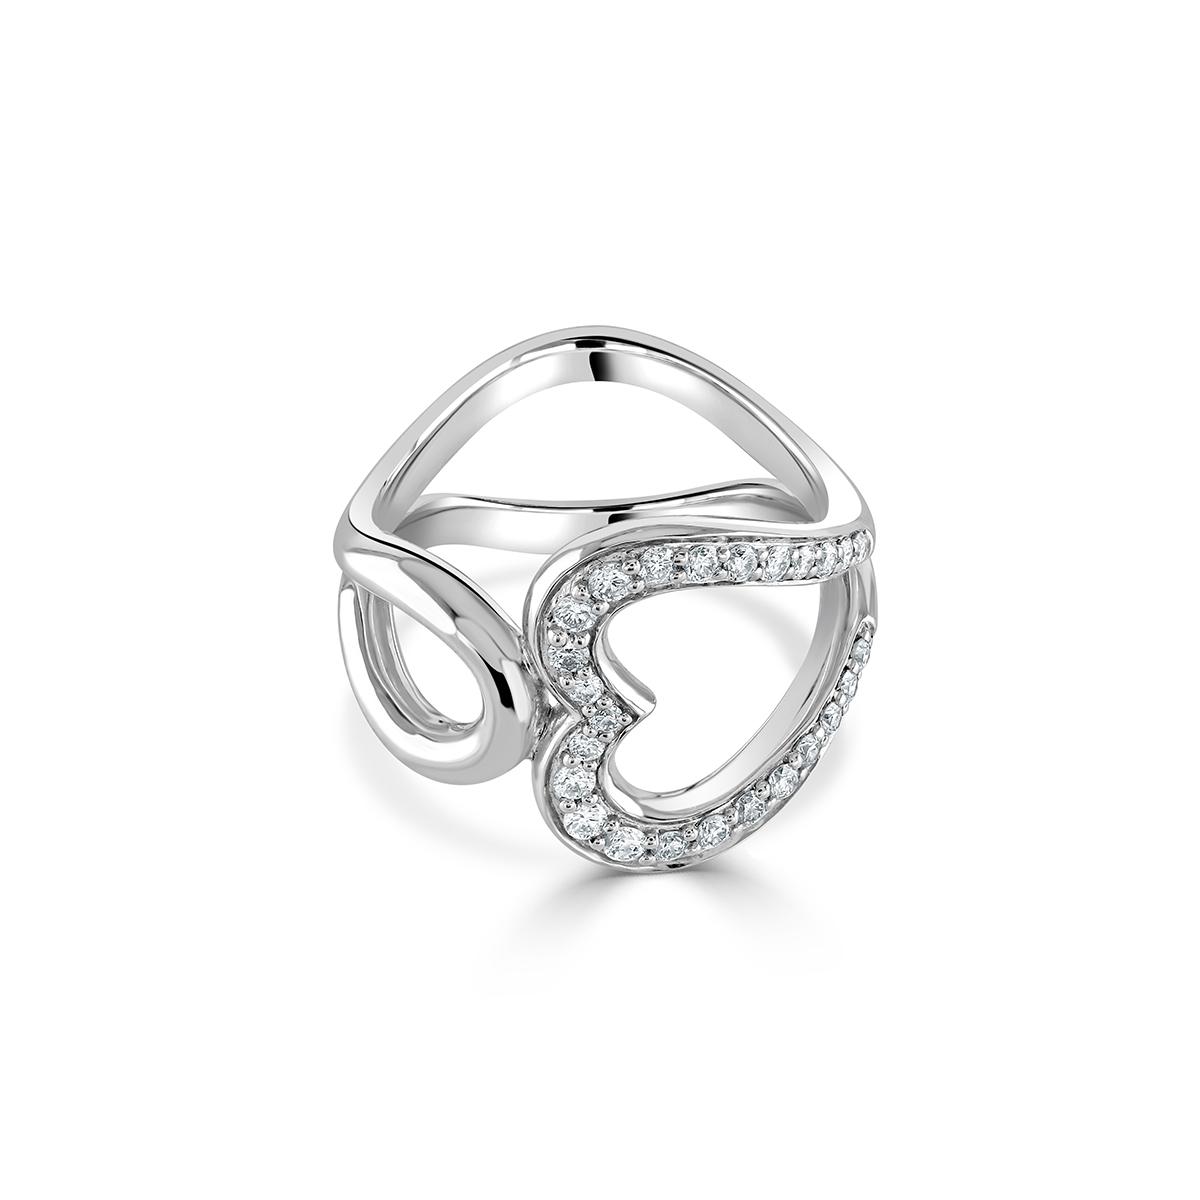 White Gold Open Heart Diamond Ring